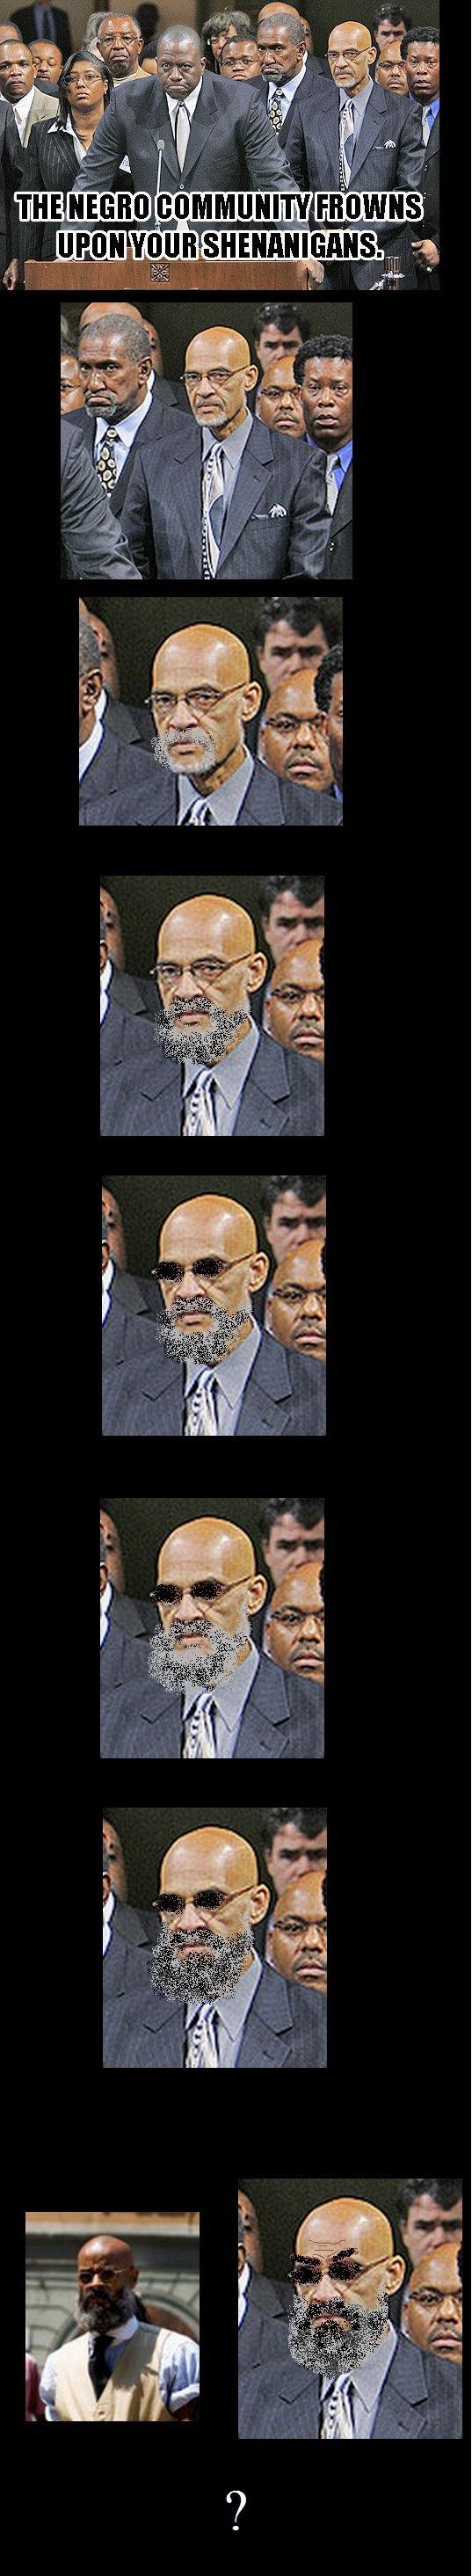 Wait wut?. Professor Badass frowns... PROFESSOR BADASS DOES NOT APPROVE. professor Badass negro community frown